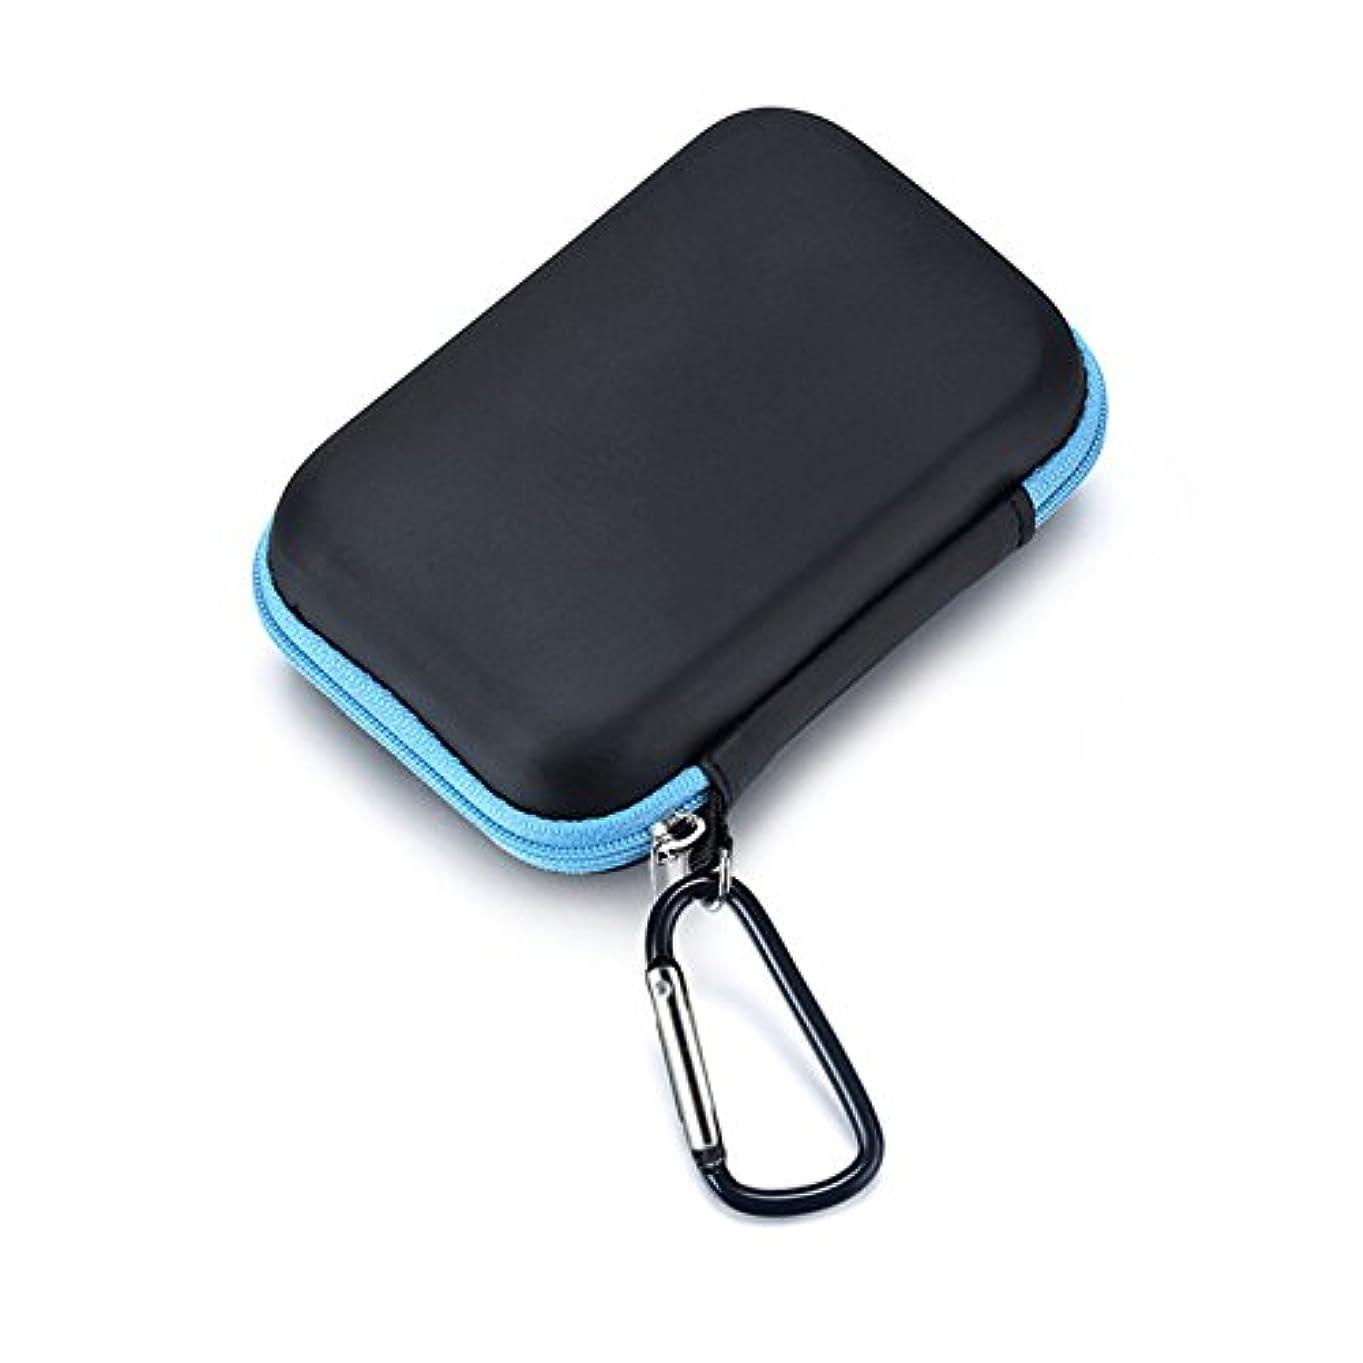 大腿ではごきげんよう誘惑するQIN 収納ケース ポーチ 携帯用バッグ ミニボトルケース 13.5 * 8.5 * 4.5cm 15本用